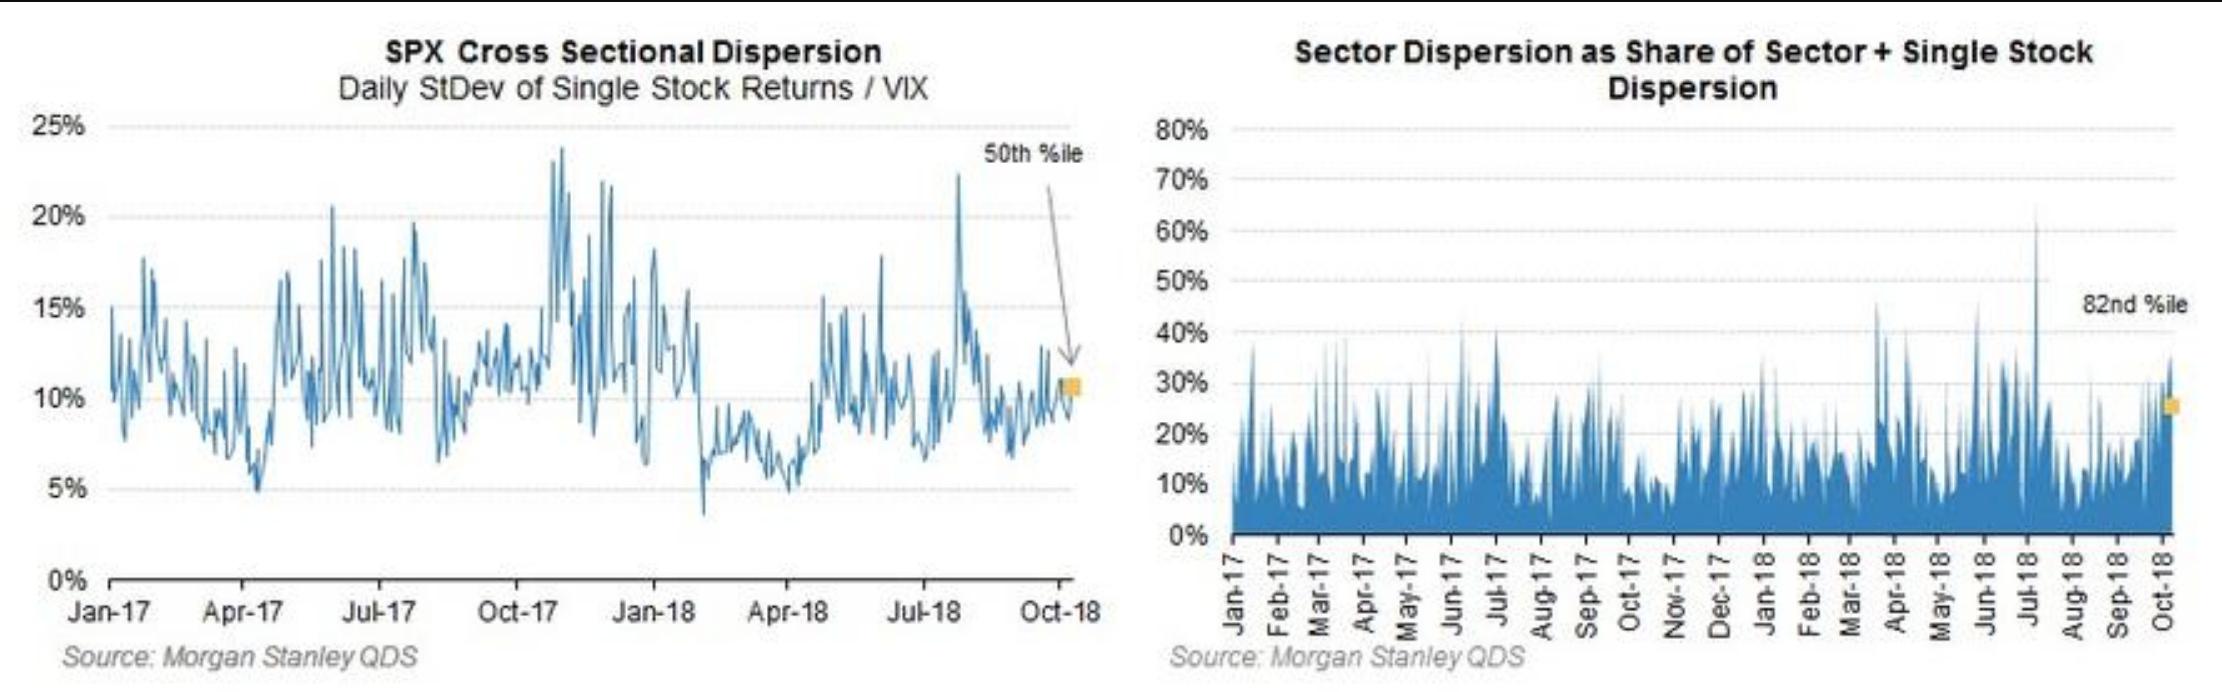 但是考虑到市场内,很多重仓的股票同时属于多个指数,比如科技类股往往同时也是最大型板块股票,风险往往会扩散到指数一级。